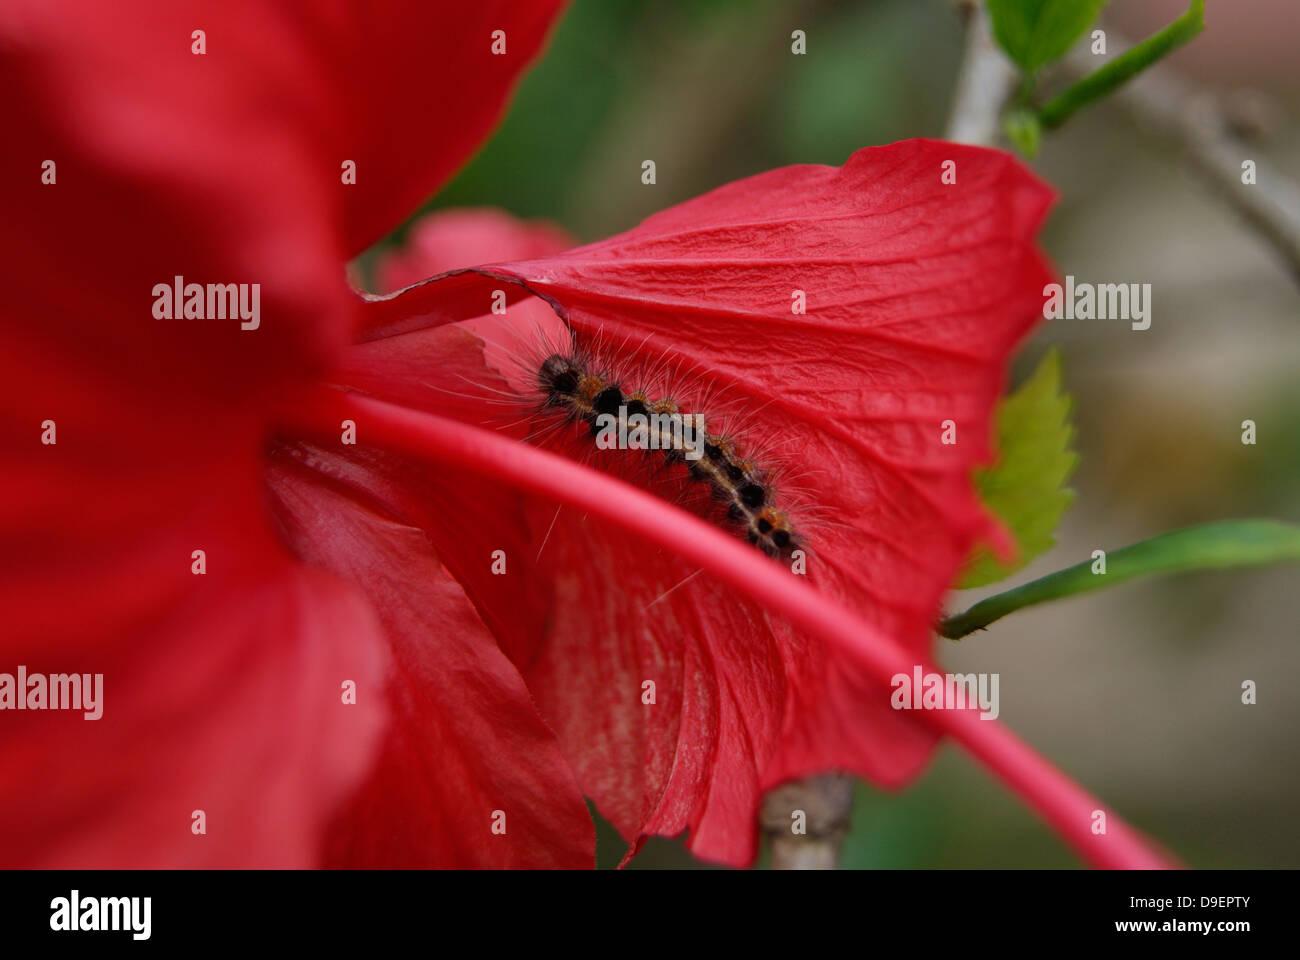 Caterpillar Eating Hibiscus Flower Petals Stock Photo 57488283 Alamy